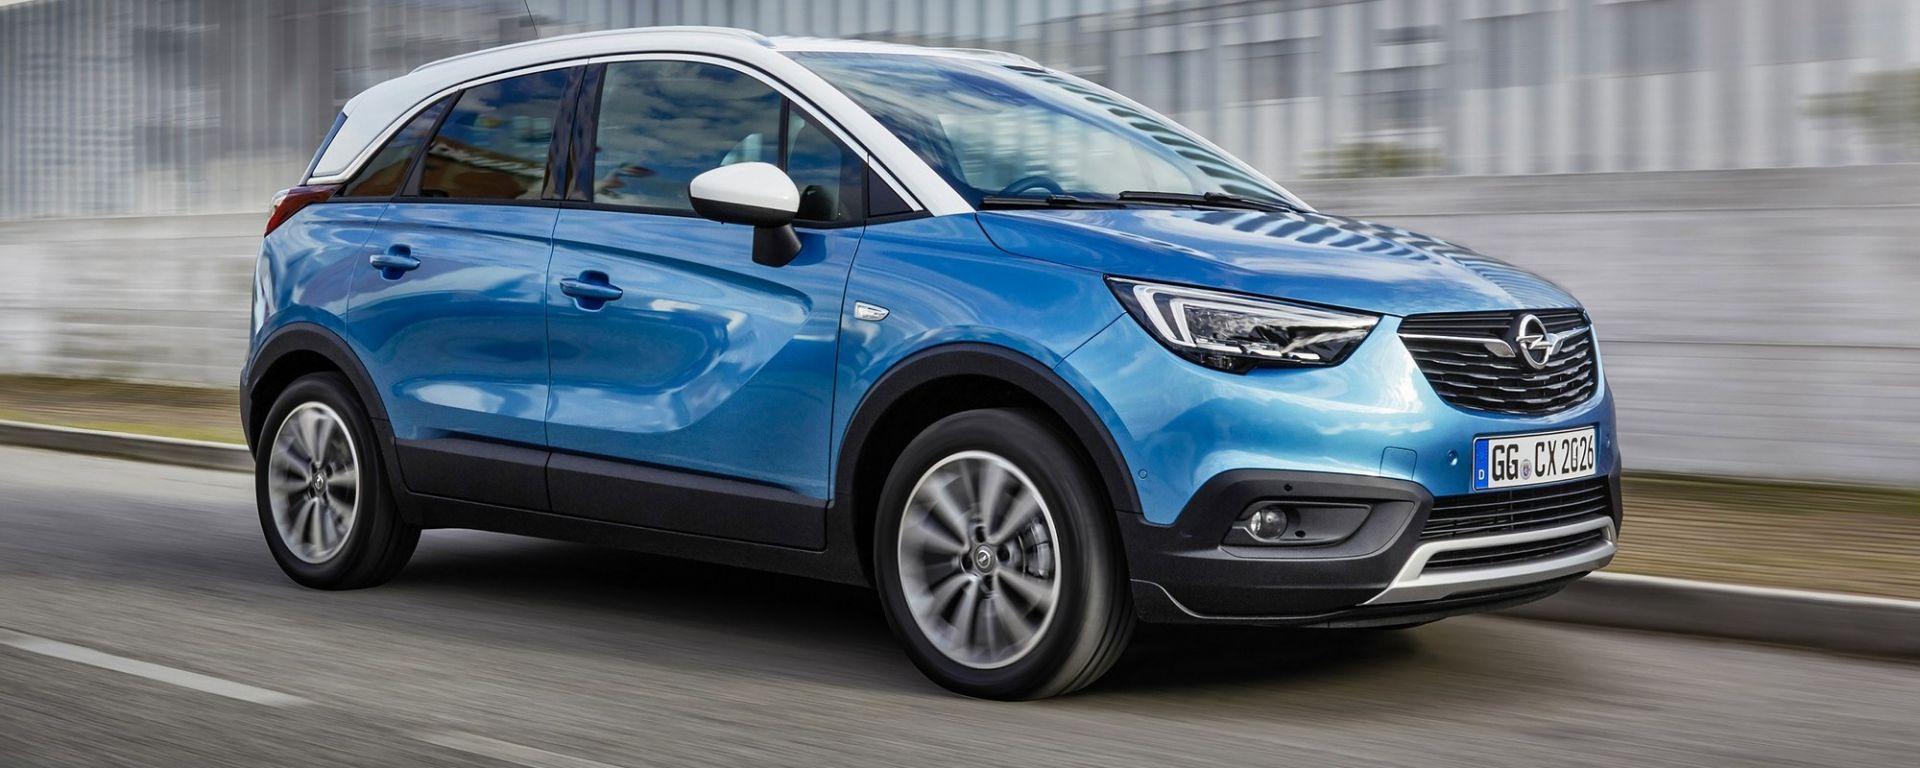 Opel Crossland X: con il 1.5 diesel c'è il cambio automatico